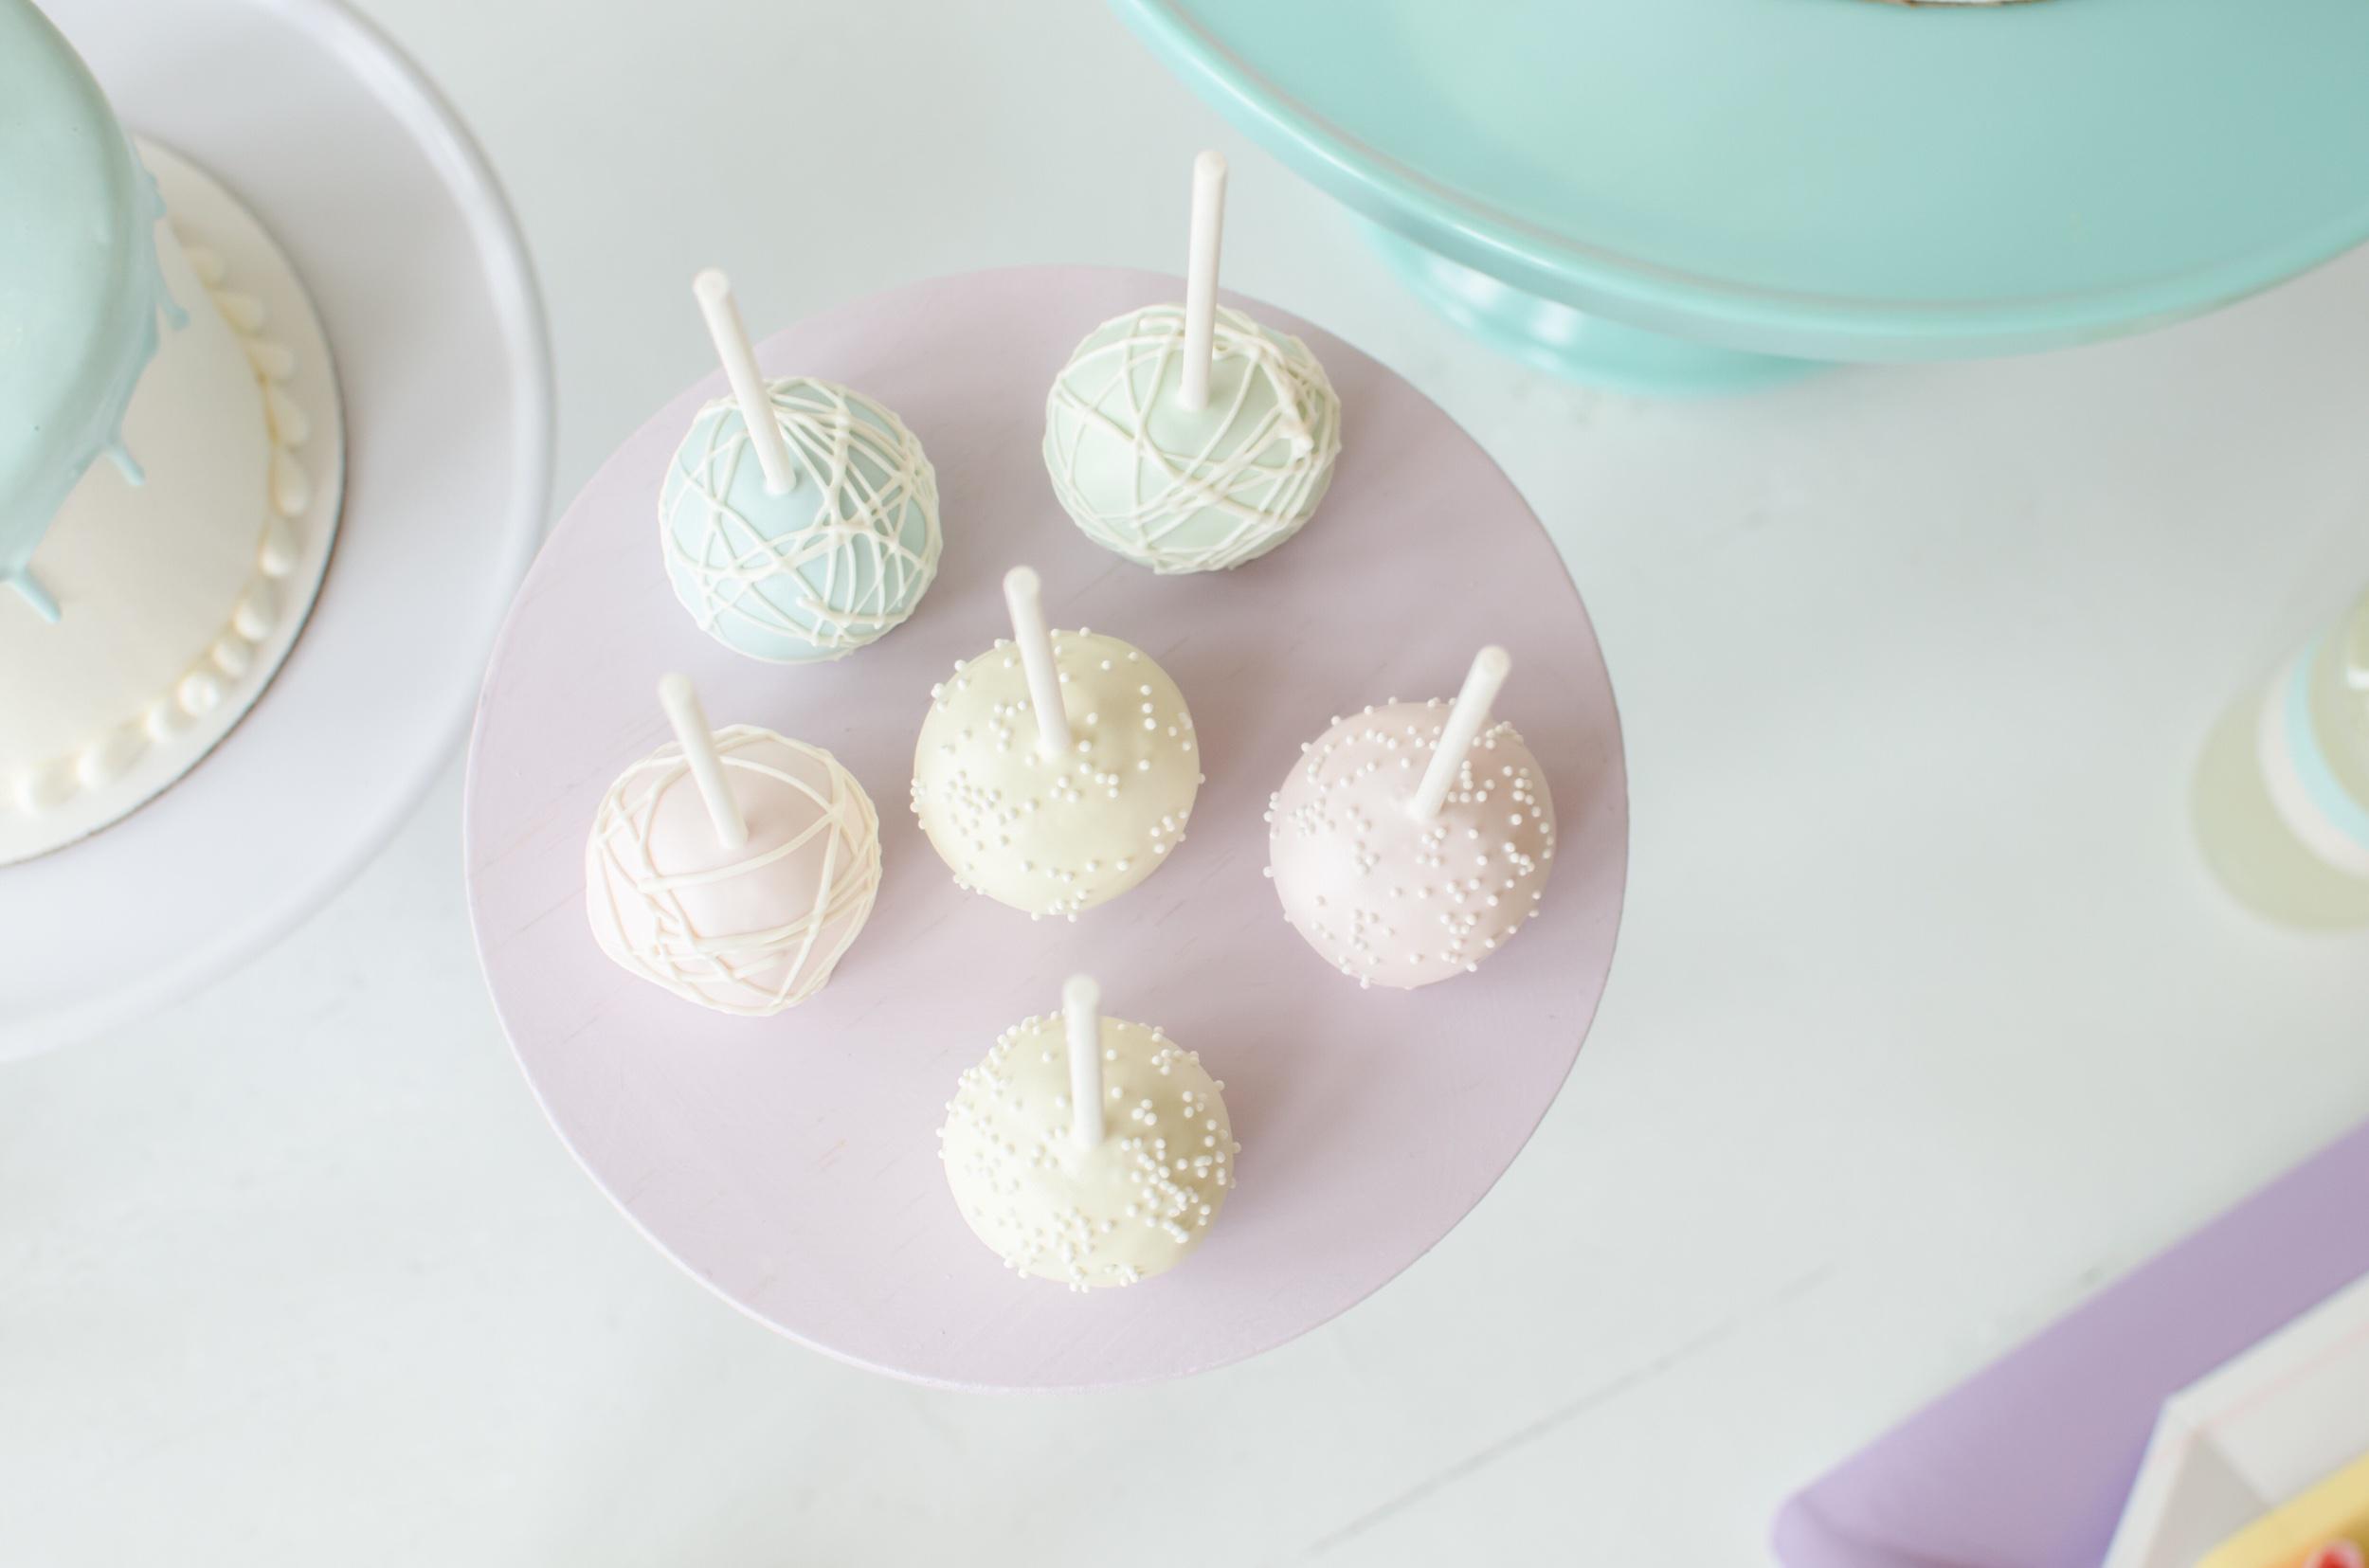 Pastel cake pops, yummy!